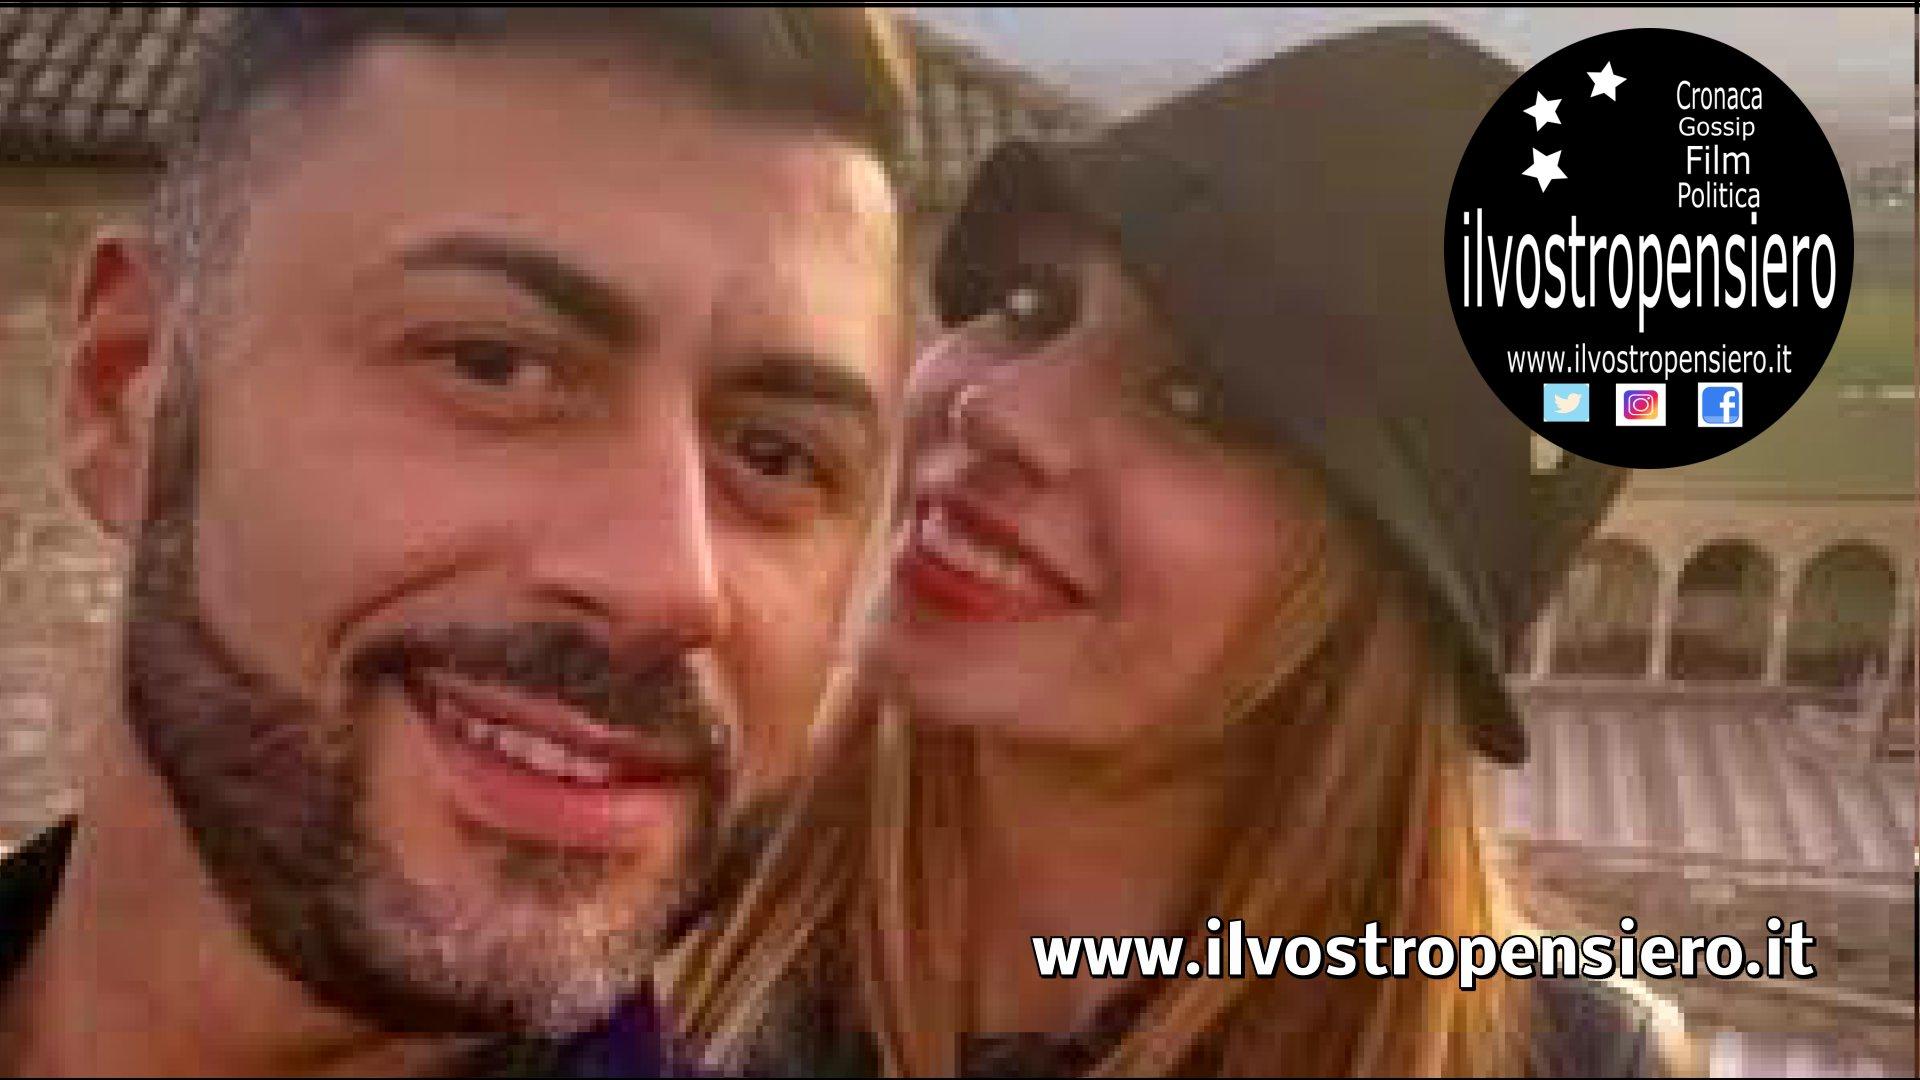 Uomini e Donne: Pamela Berretta, lascia Stefano Torrese e mette delle Stories su Instagram contro di lui (guarda le foto)